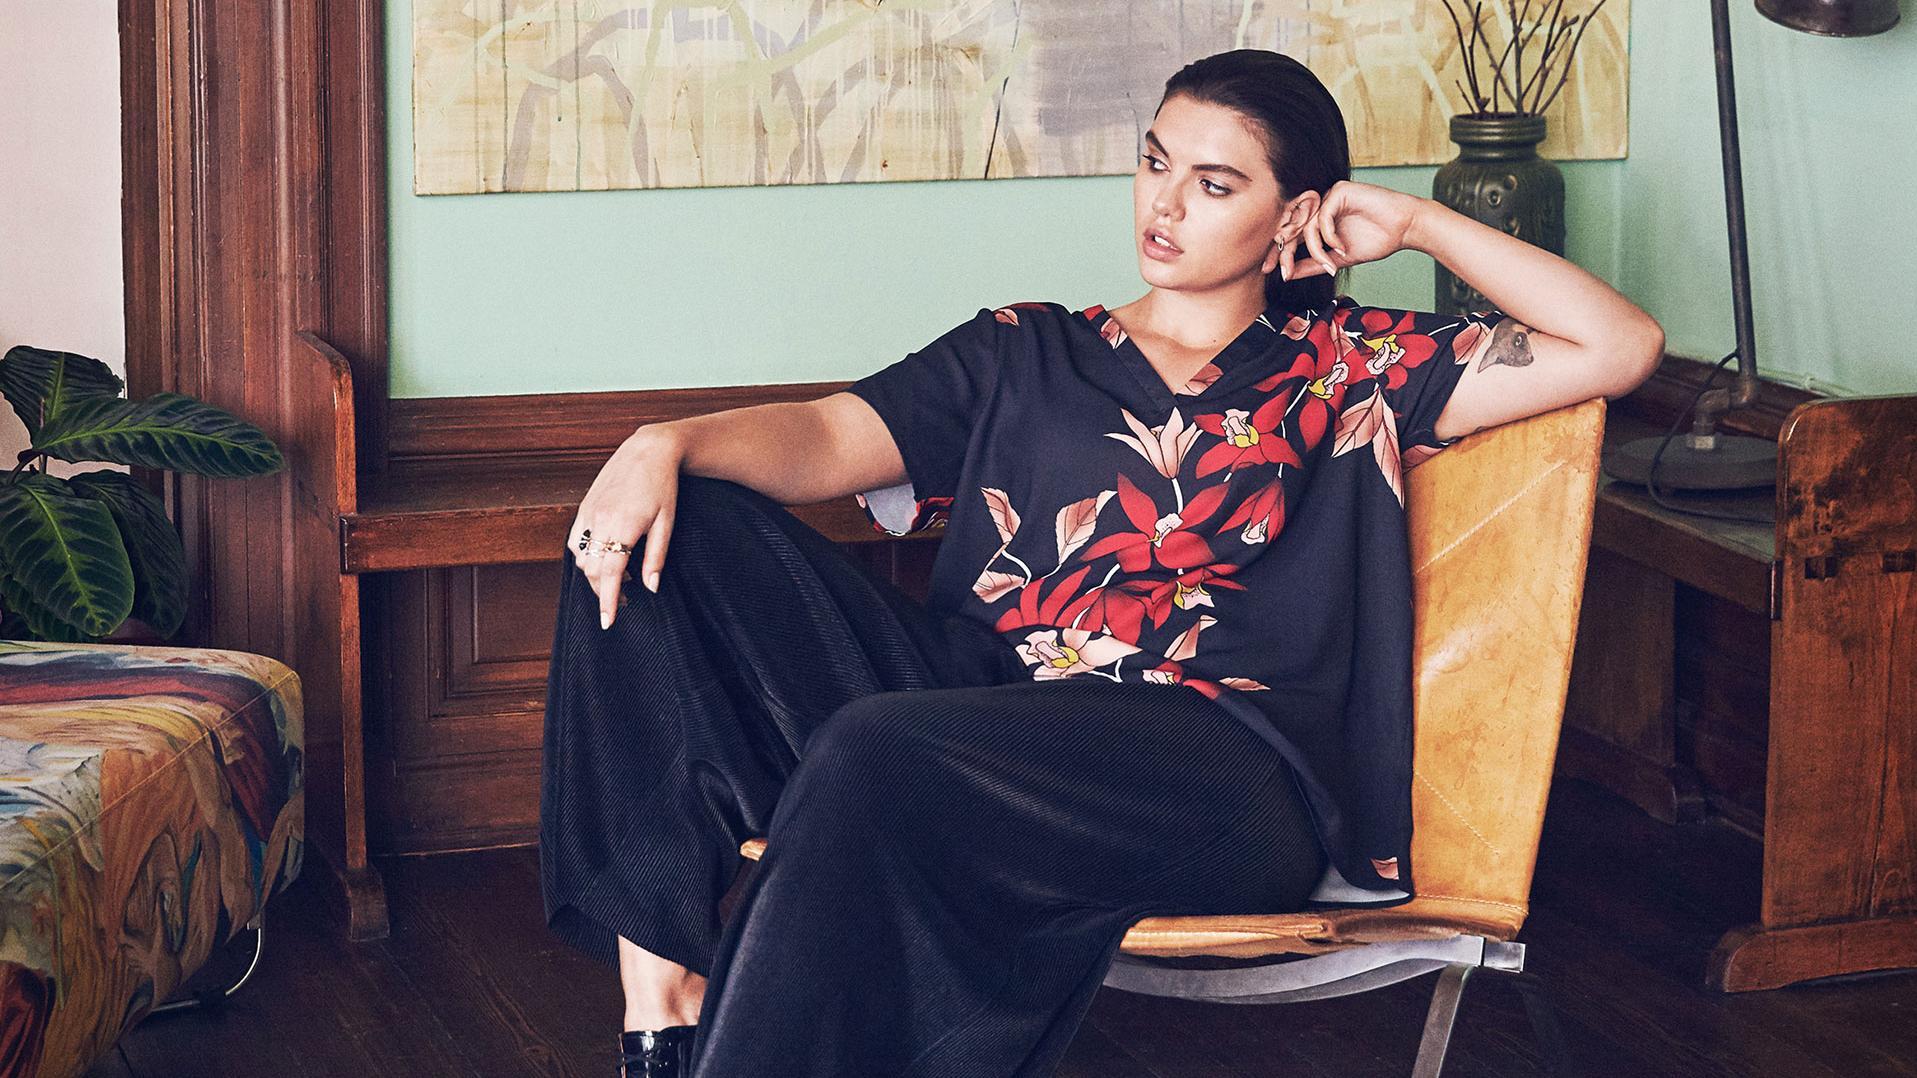 1ae9567abc6d51 Die schönsten Onlineshops für Plus-Size-Fashion - amicella.de